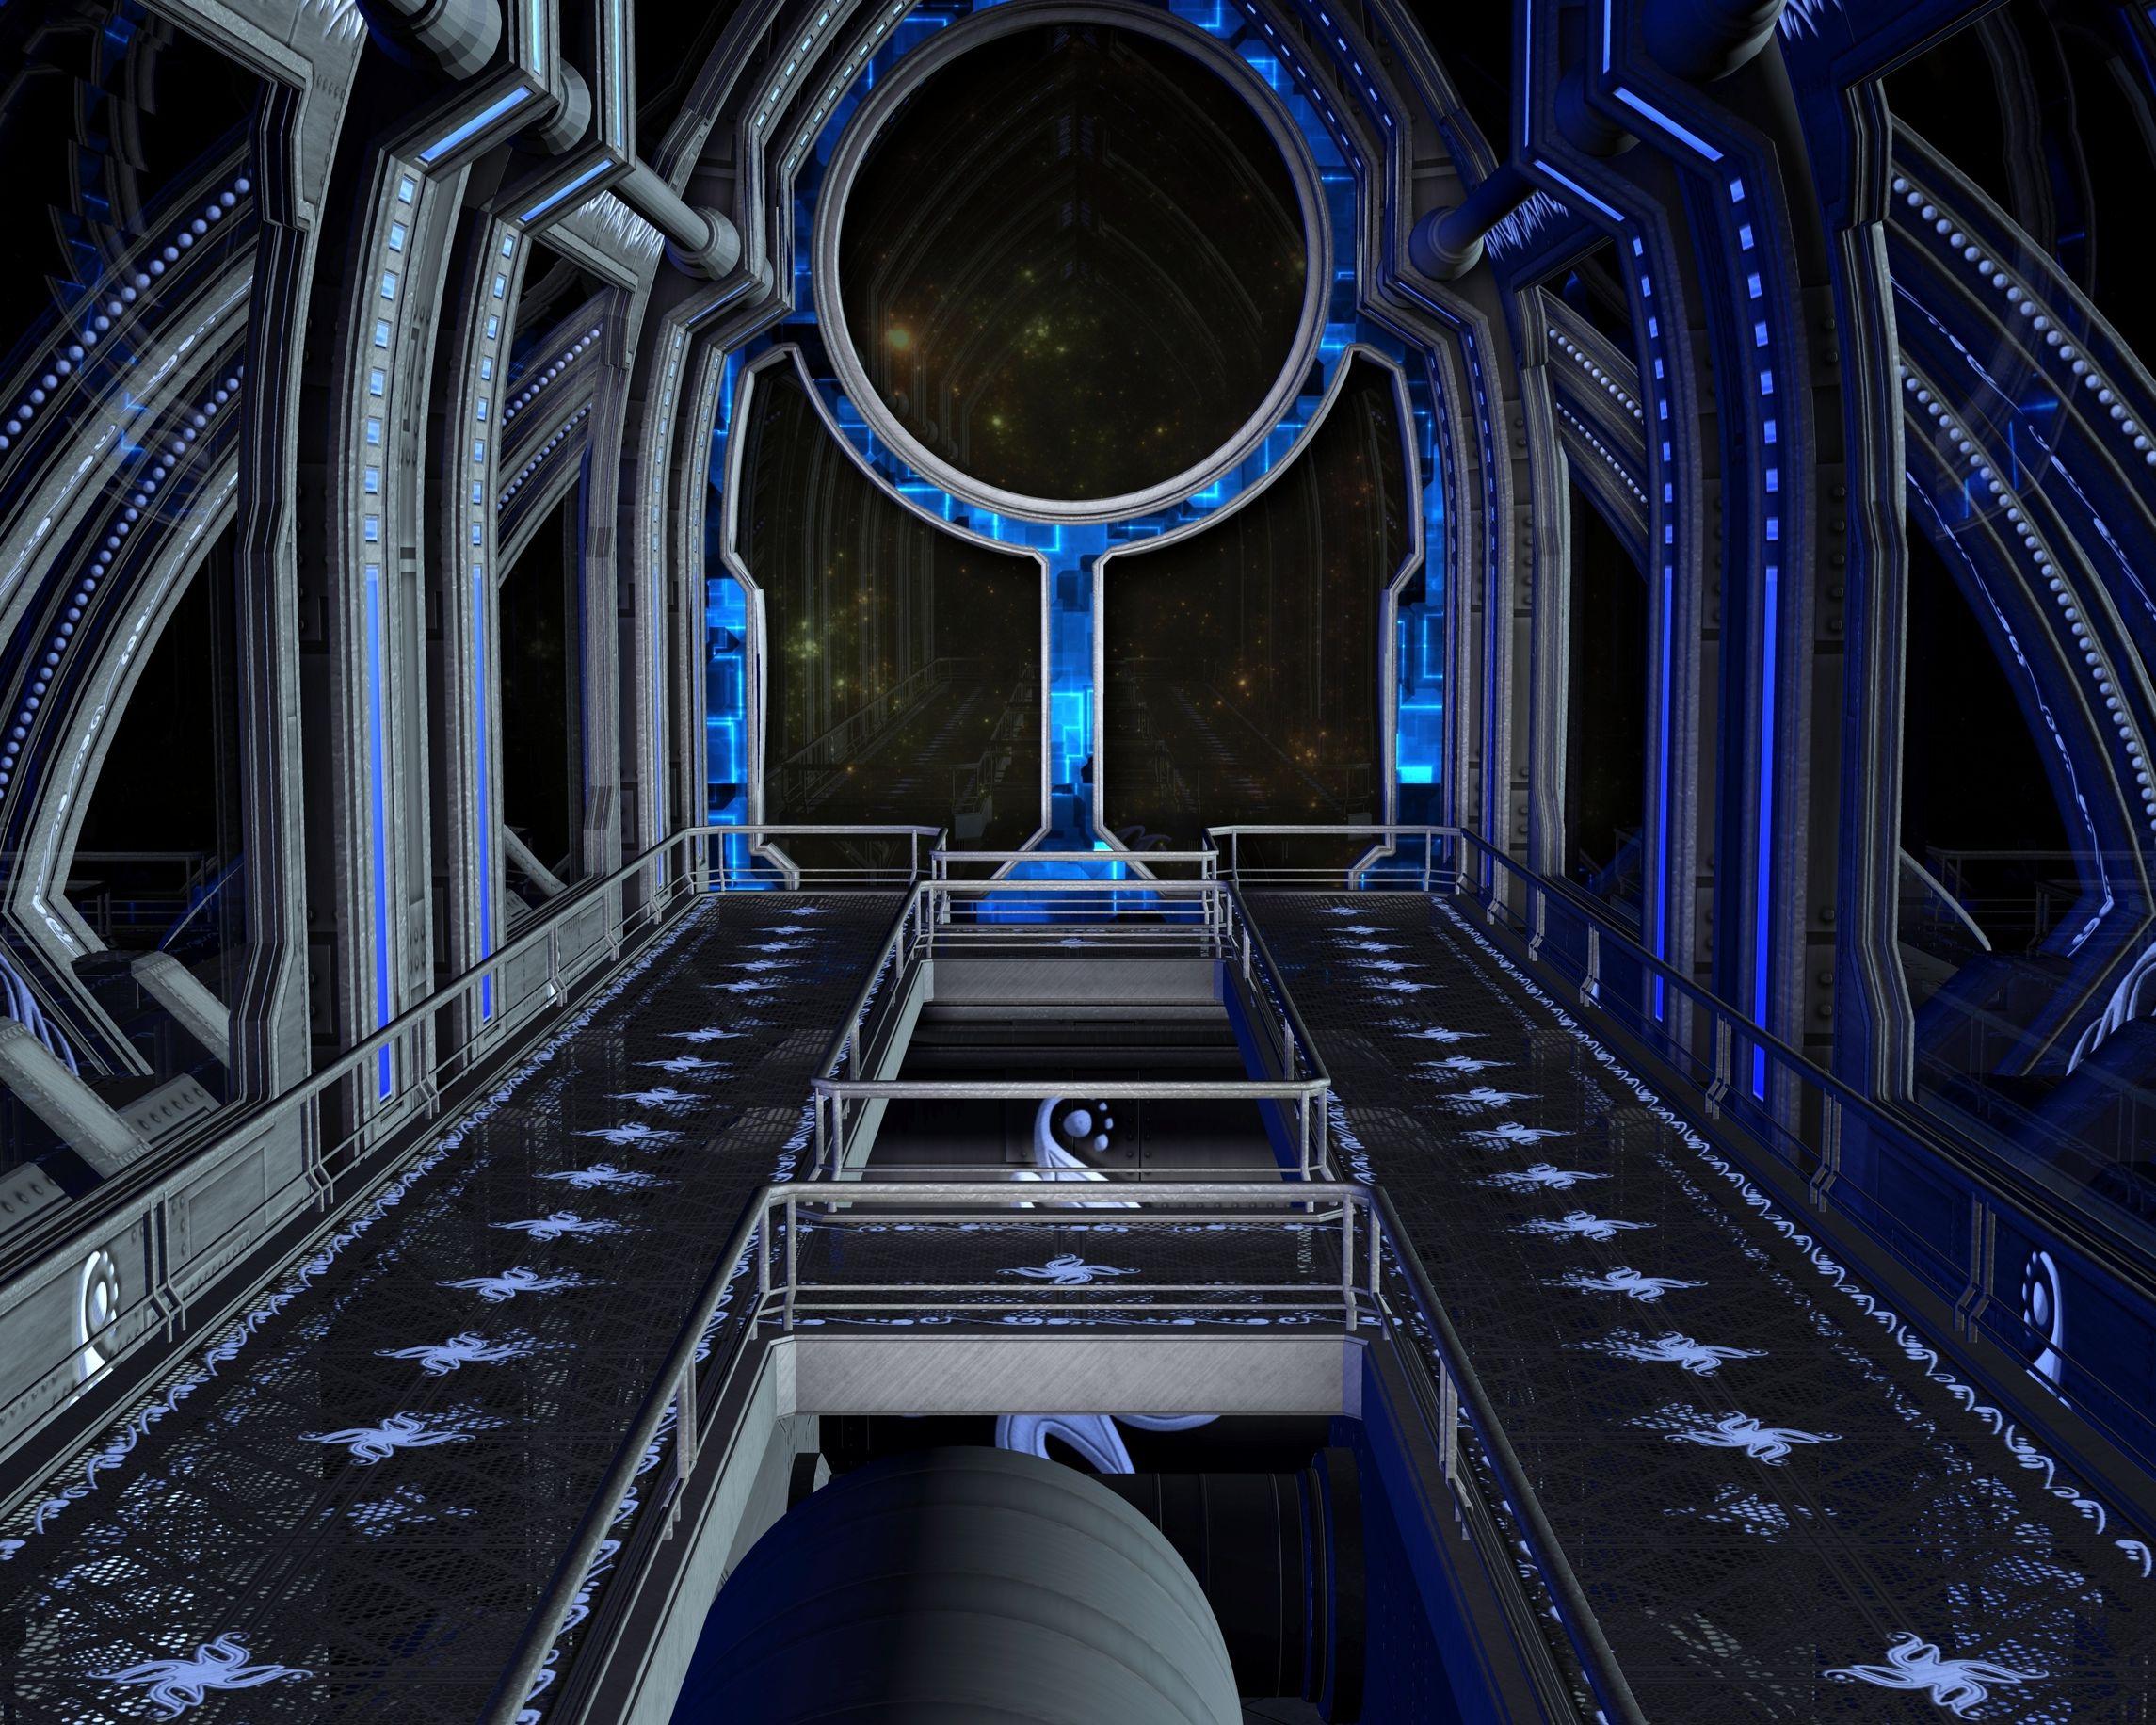 stacja-kosmiczna-futurystycznie.jpg